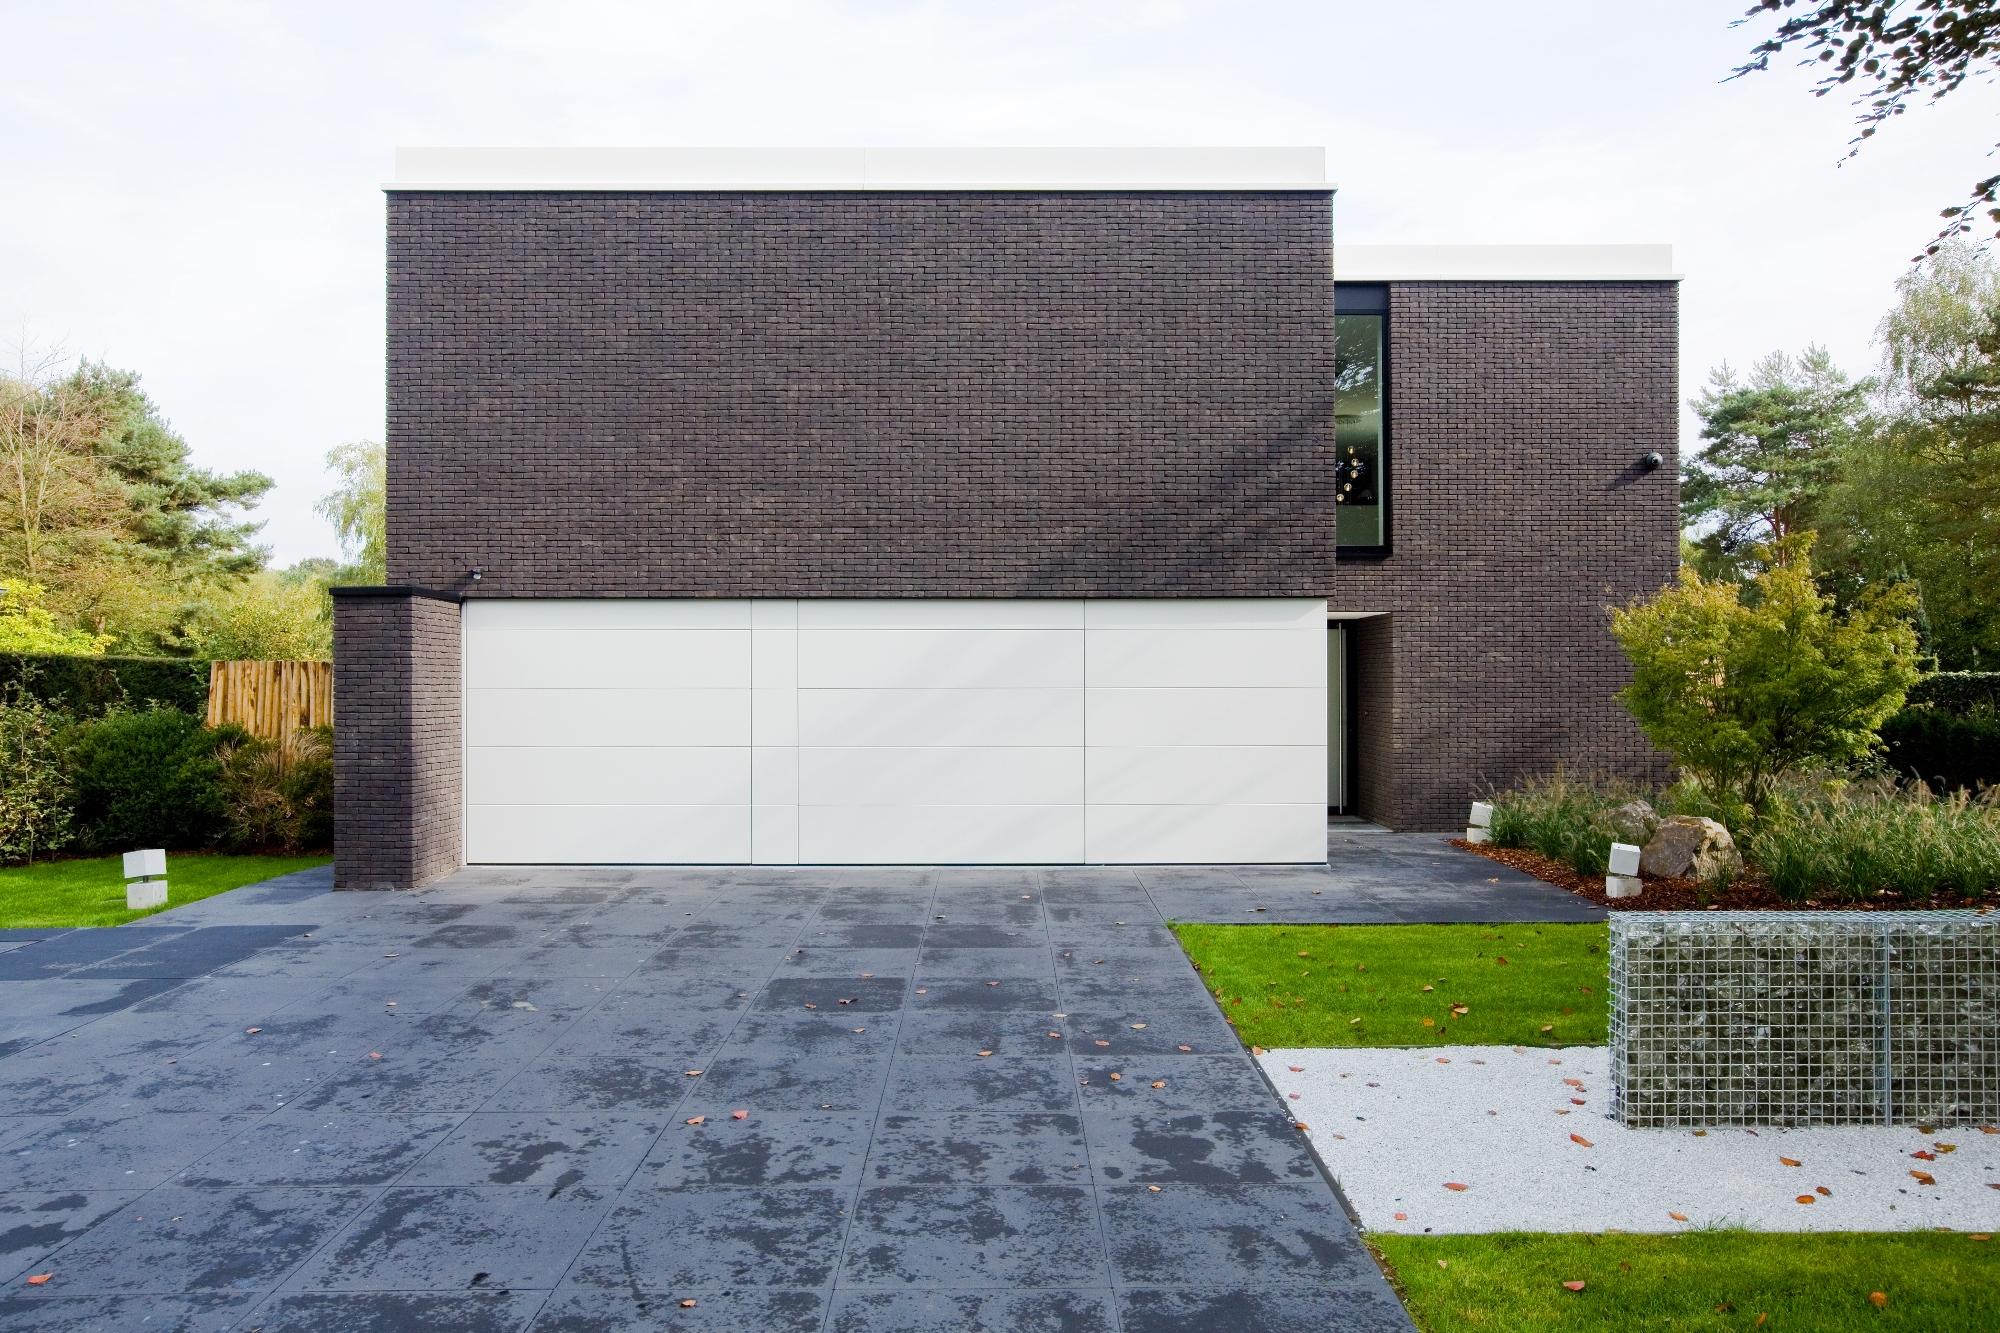 Woningen nieuwbouw woningen verbouwing vrijstaande woning s3architecten mechelen - Zomer keuken steen ...